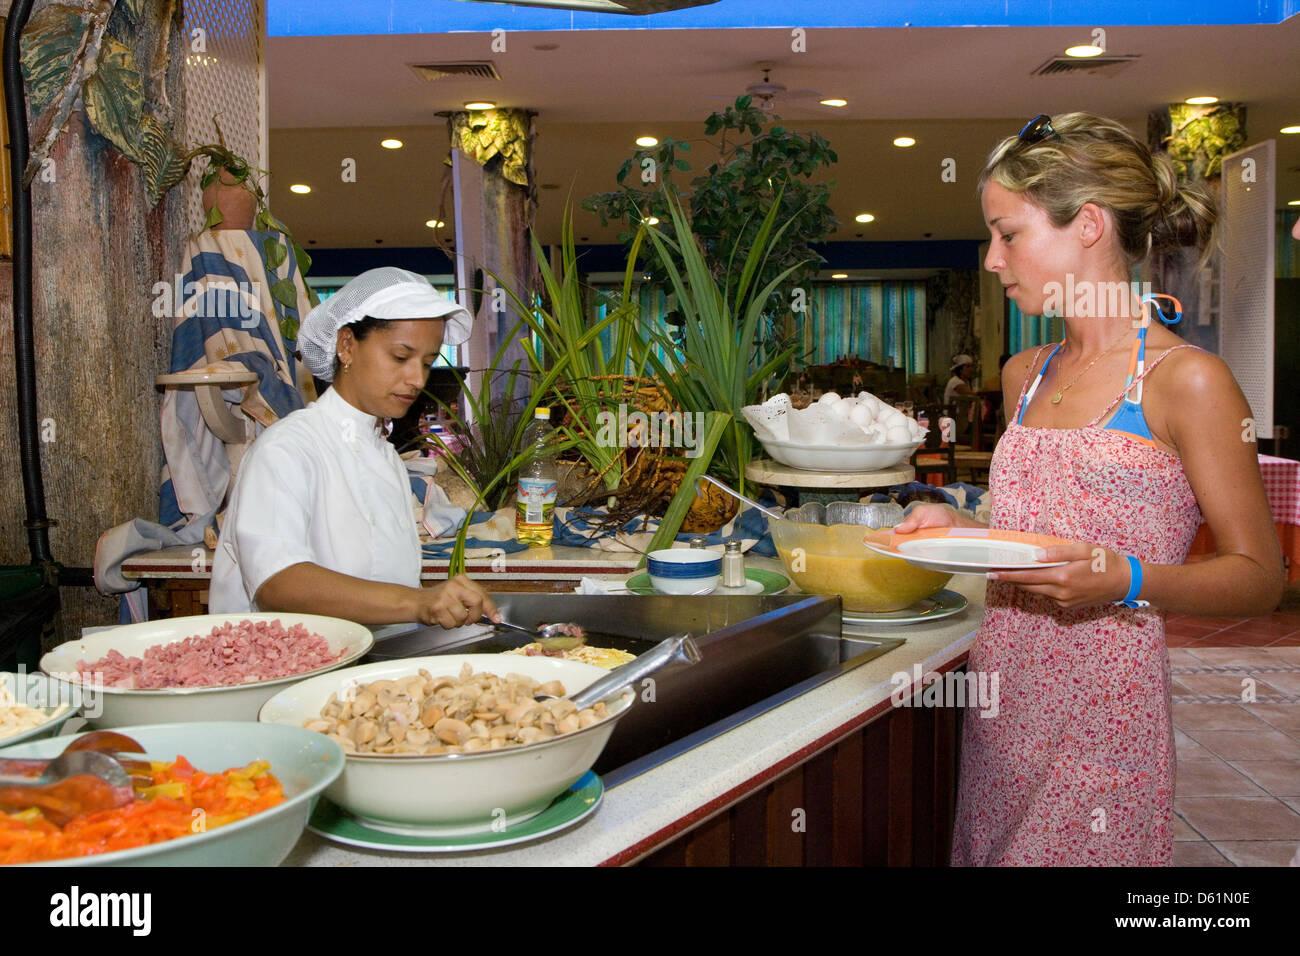 Jardines del rey cayo coco sol melia hotel restaurant for Jardines del rey cuba